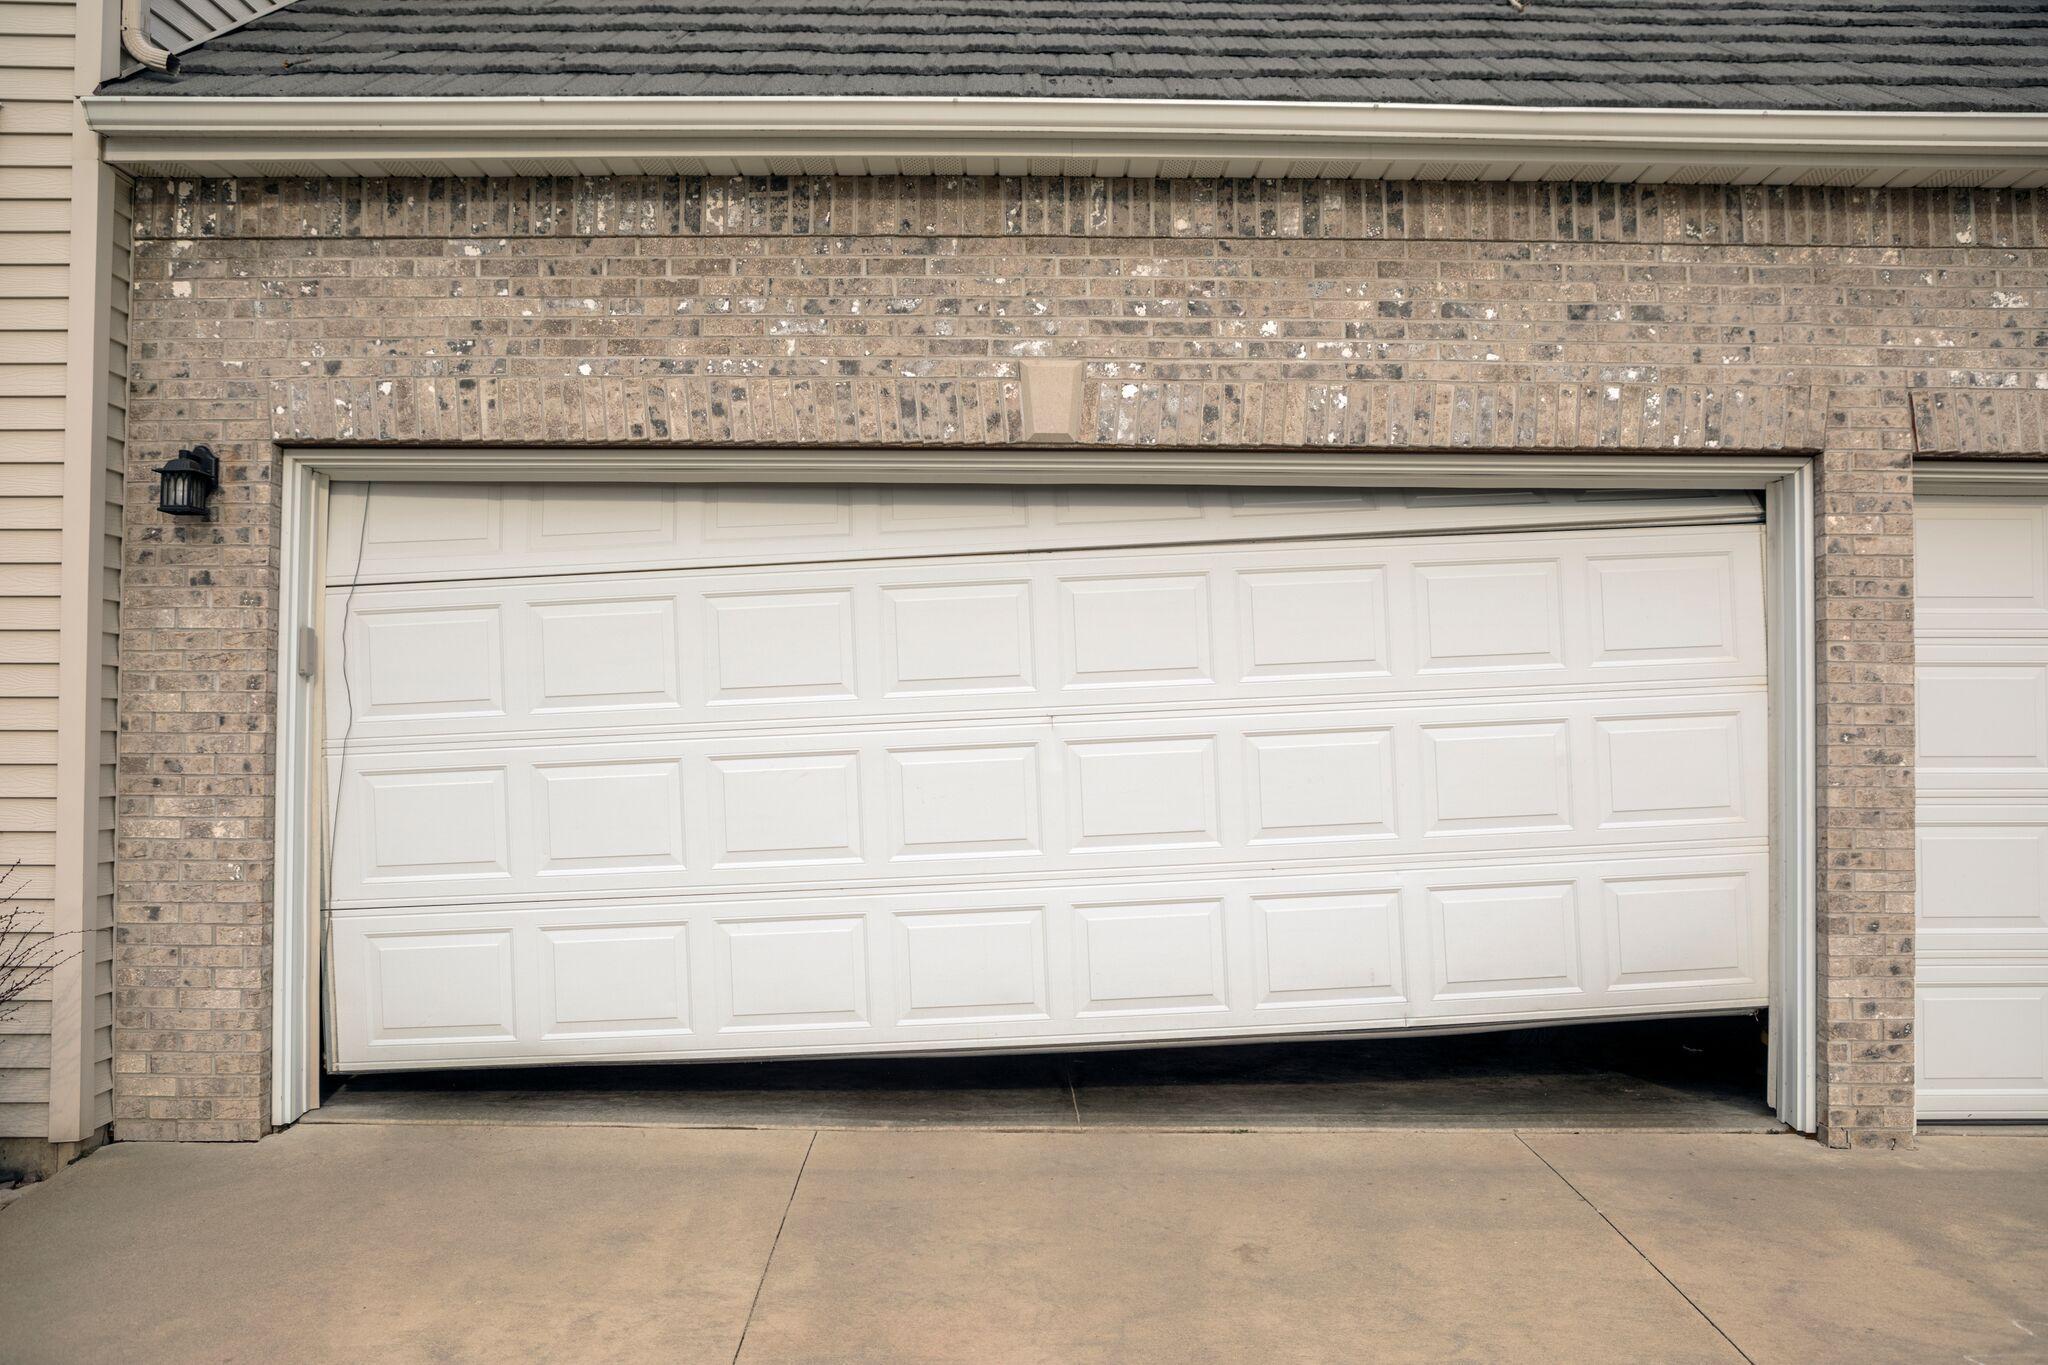 hight resolution of sagging and uneven garage door